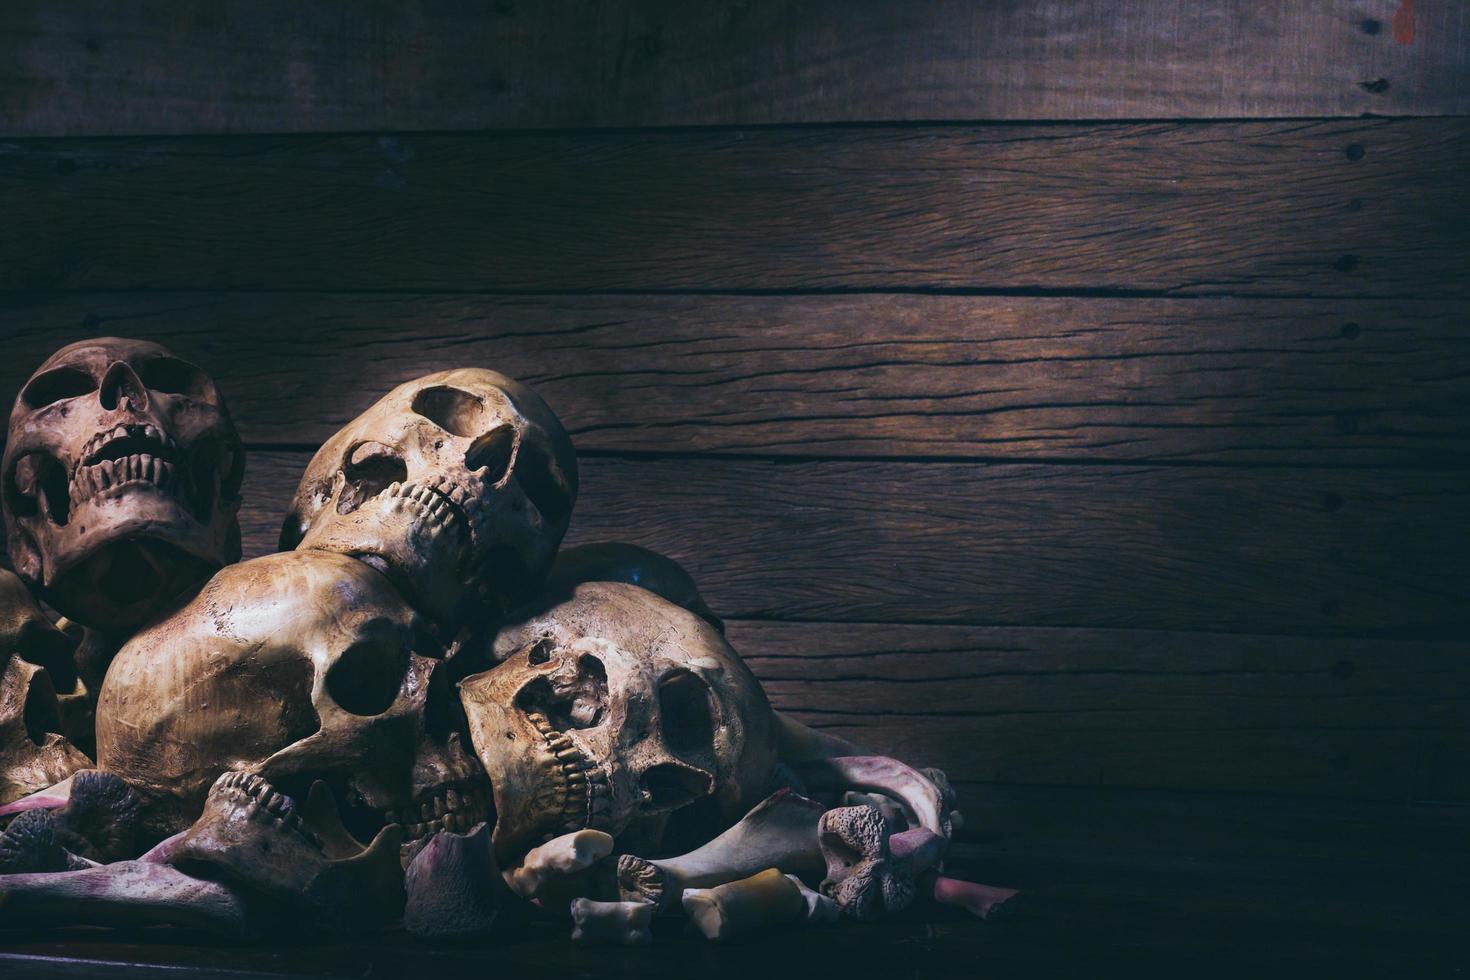 stilleben fotografi med mänskliga skalle på gamla träbord bakgrund -halloween eller esoteriska koncept foto